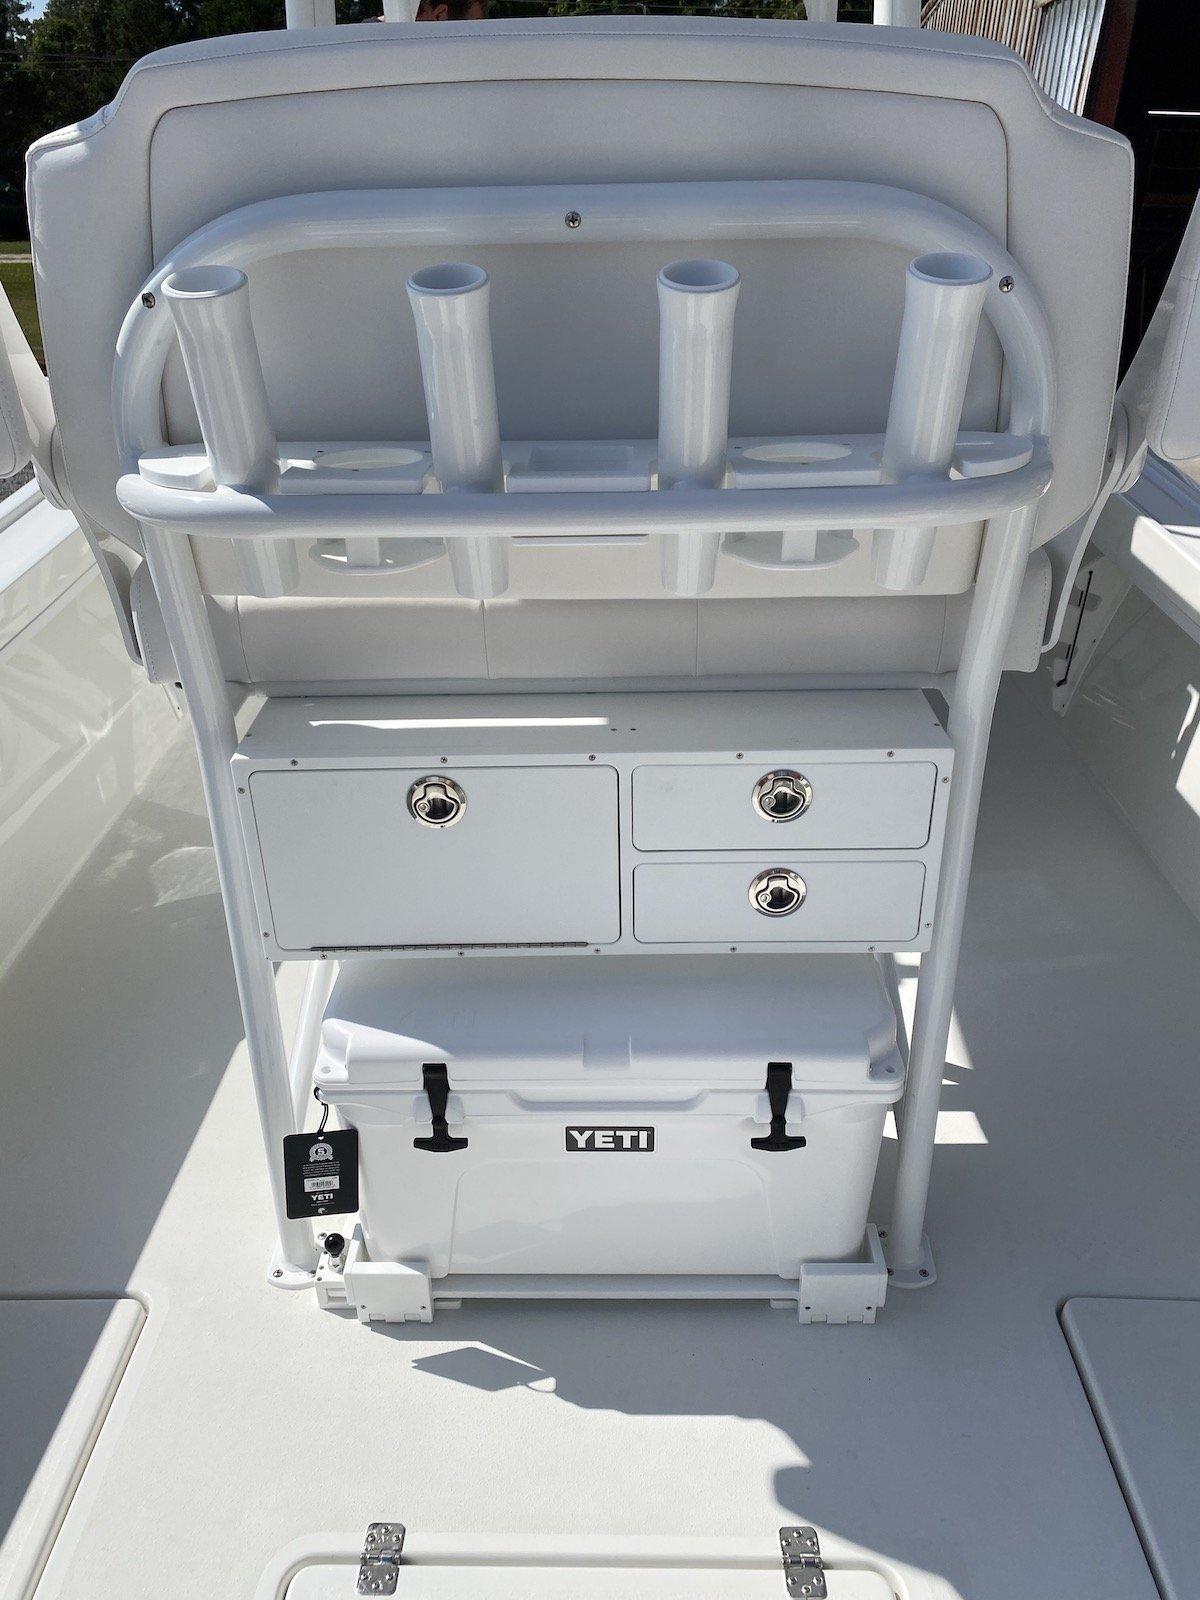 Tackle Cabinet, Cooler Slide, Cup Holder Combo